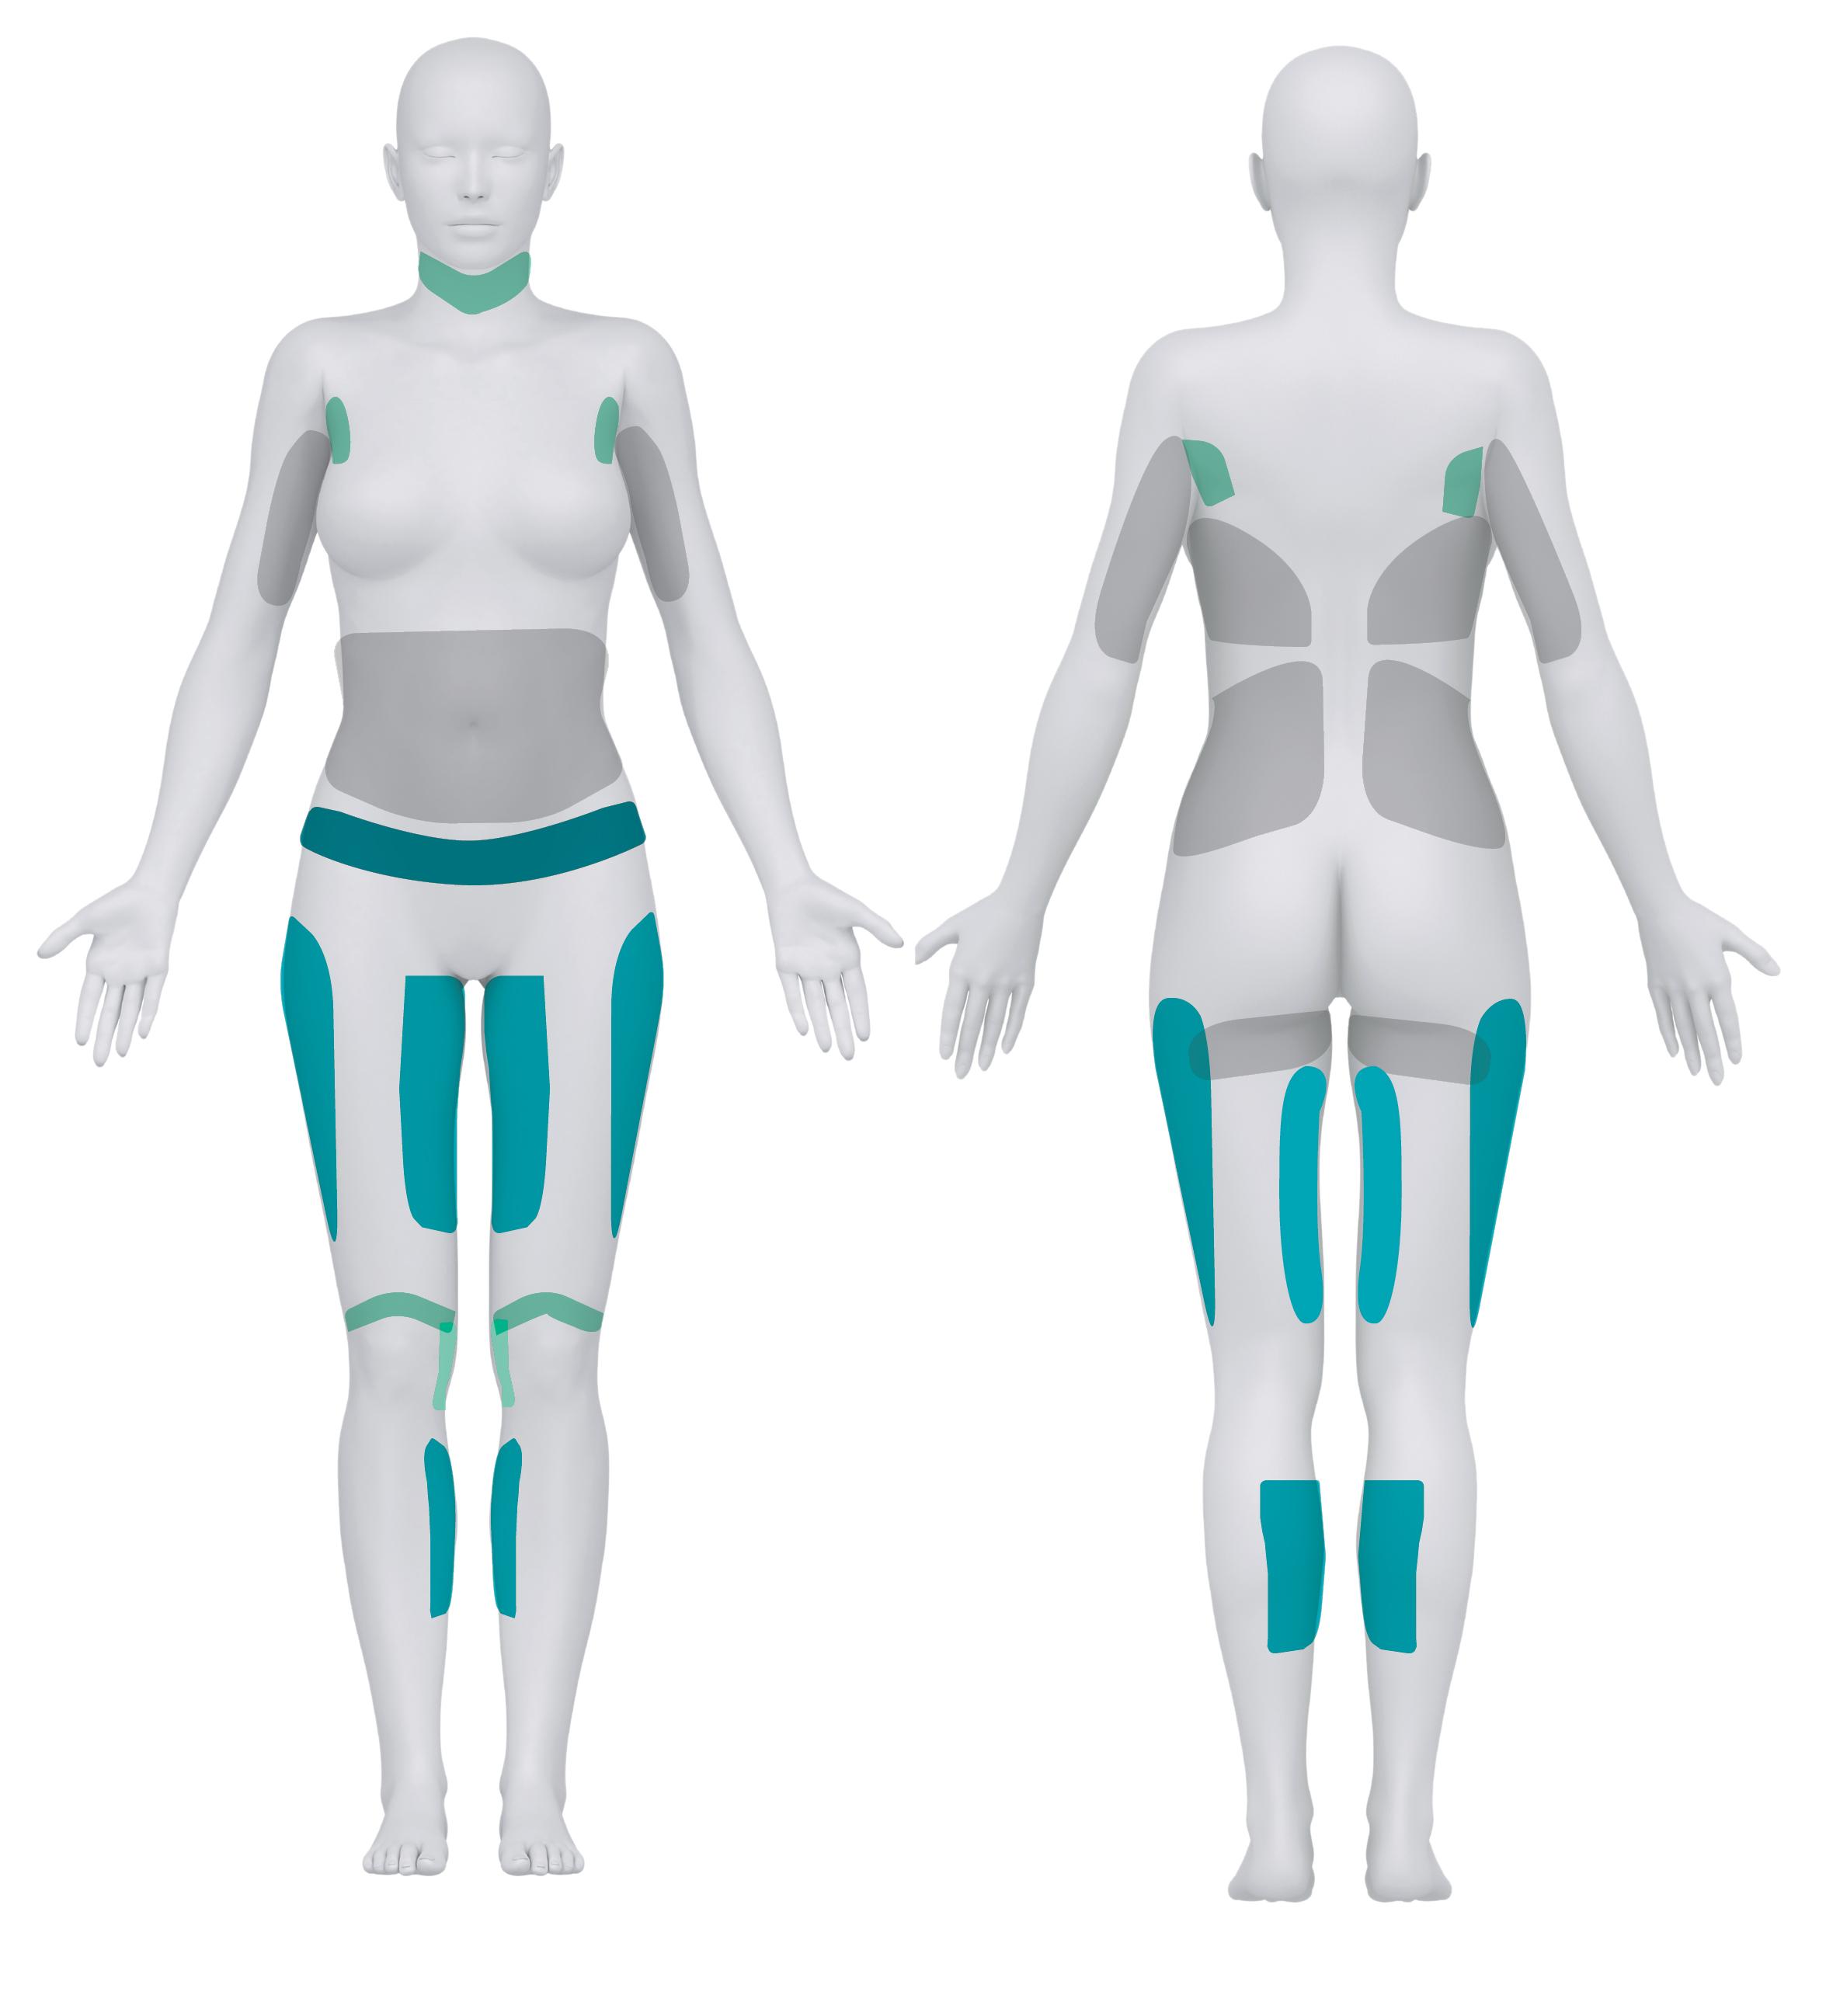 Body Treatment Zones